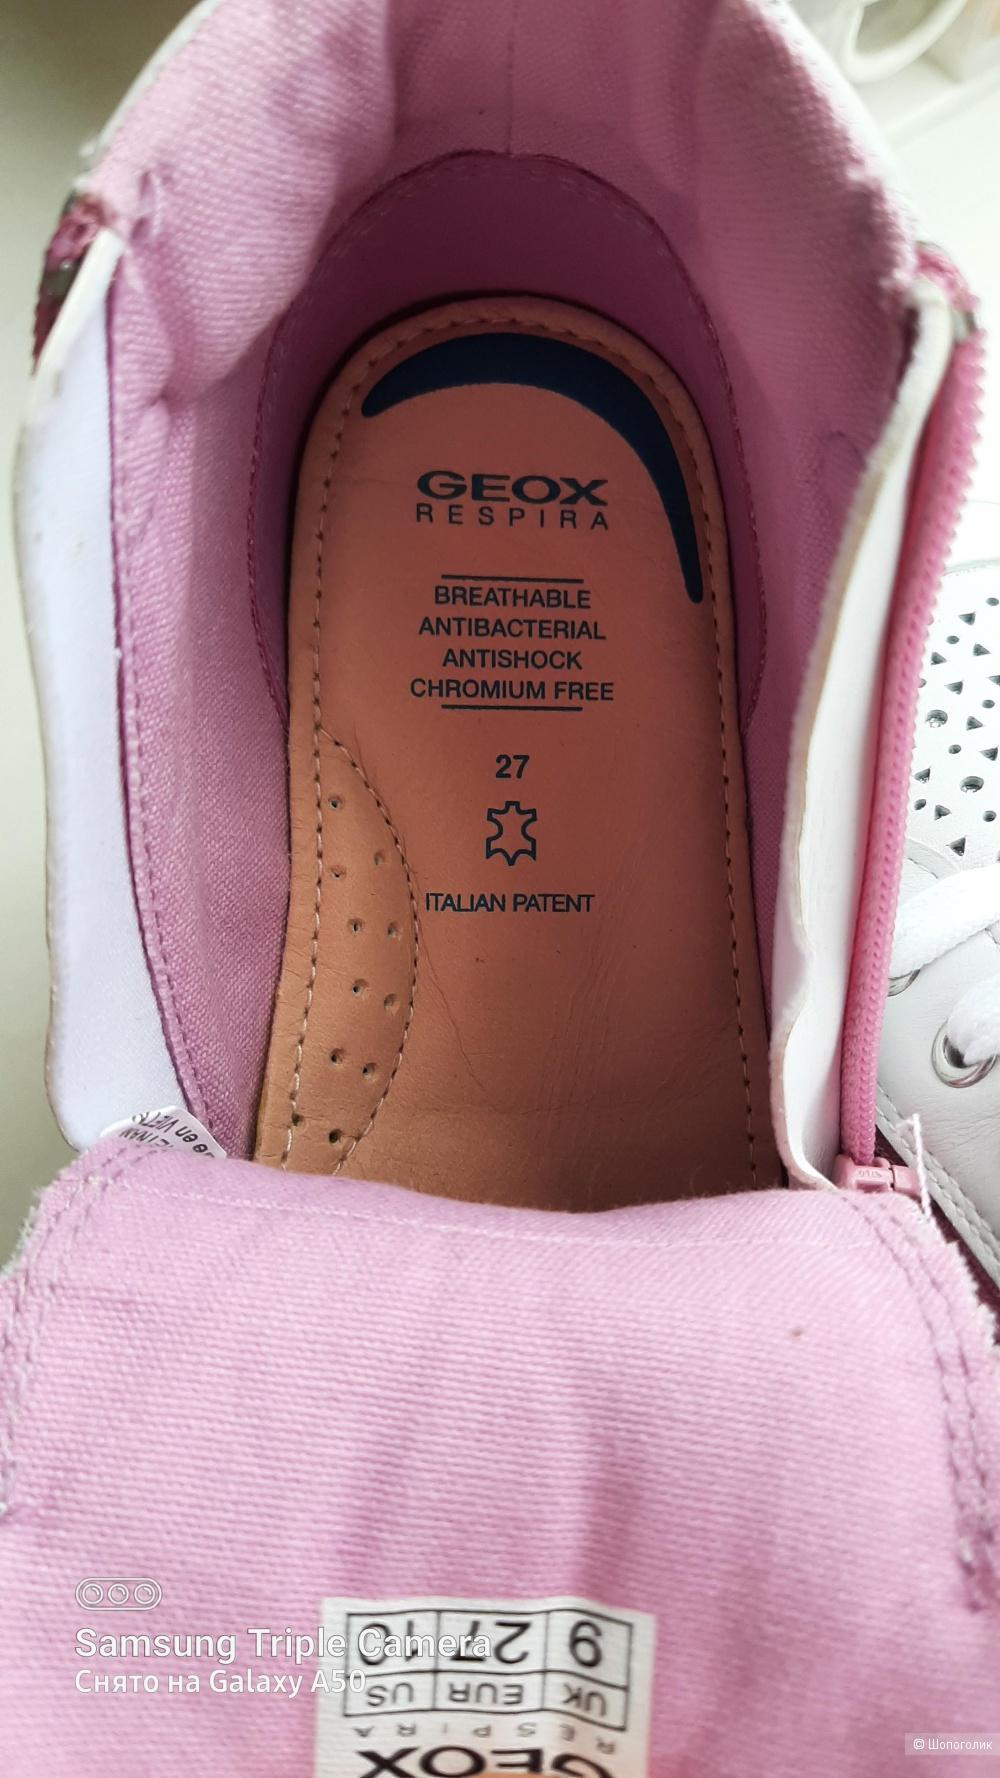 Ботинки Geox р. 27